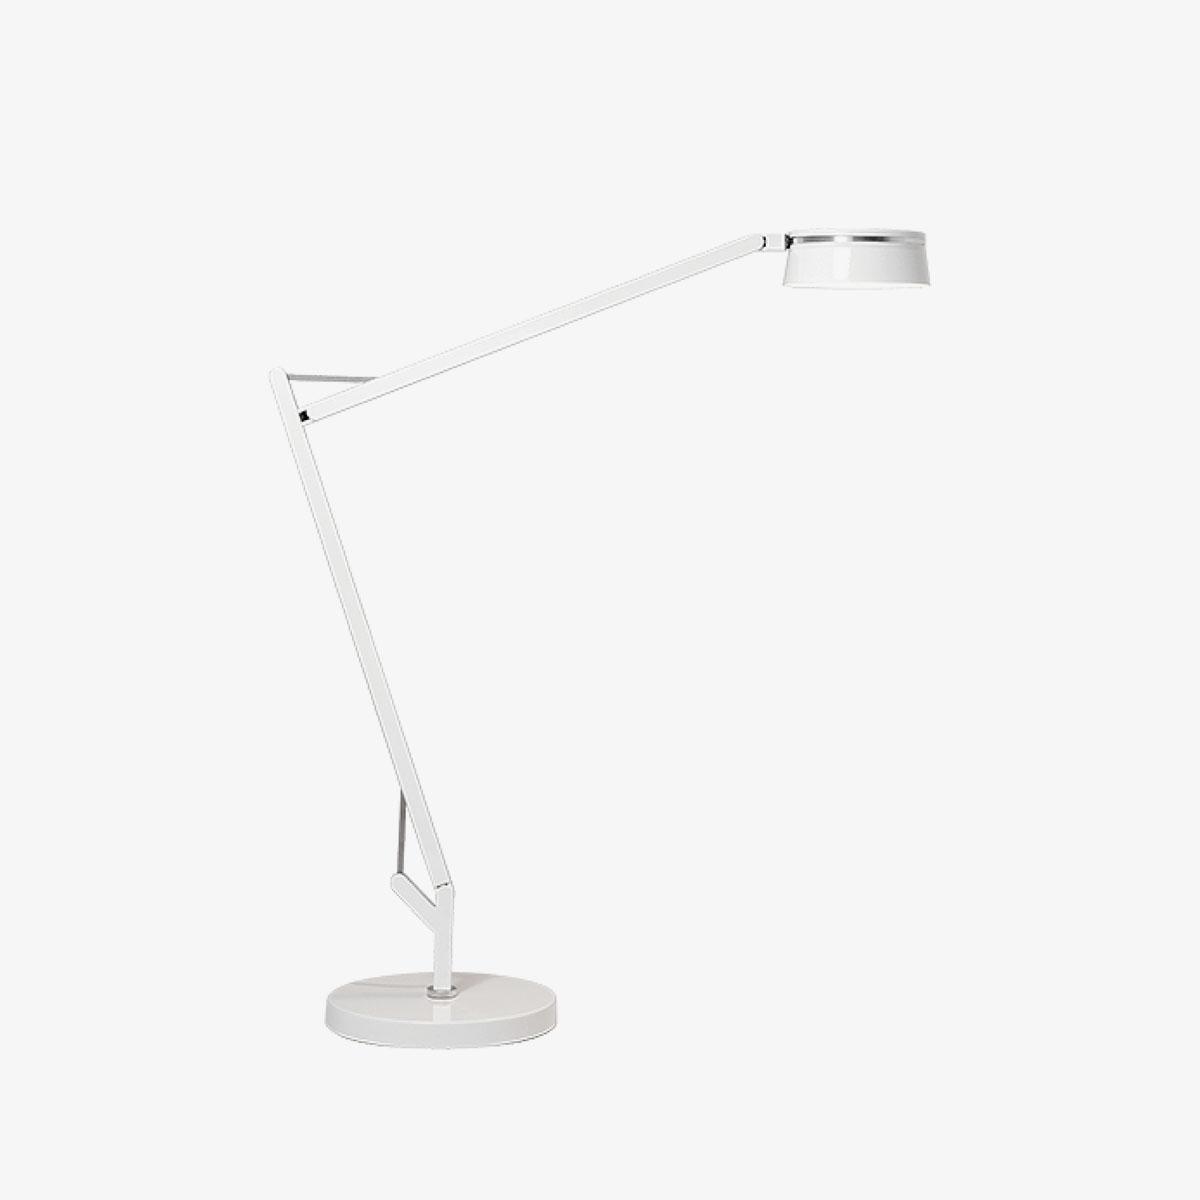 Lámpara de sobremesa Dress Code blanco Linea Light -0